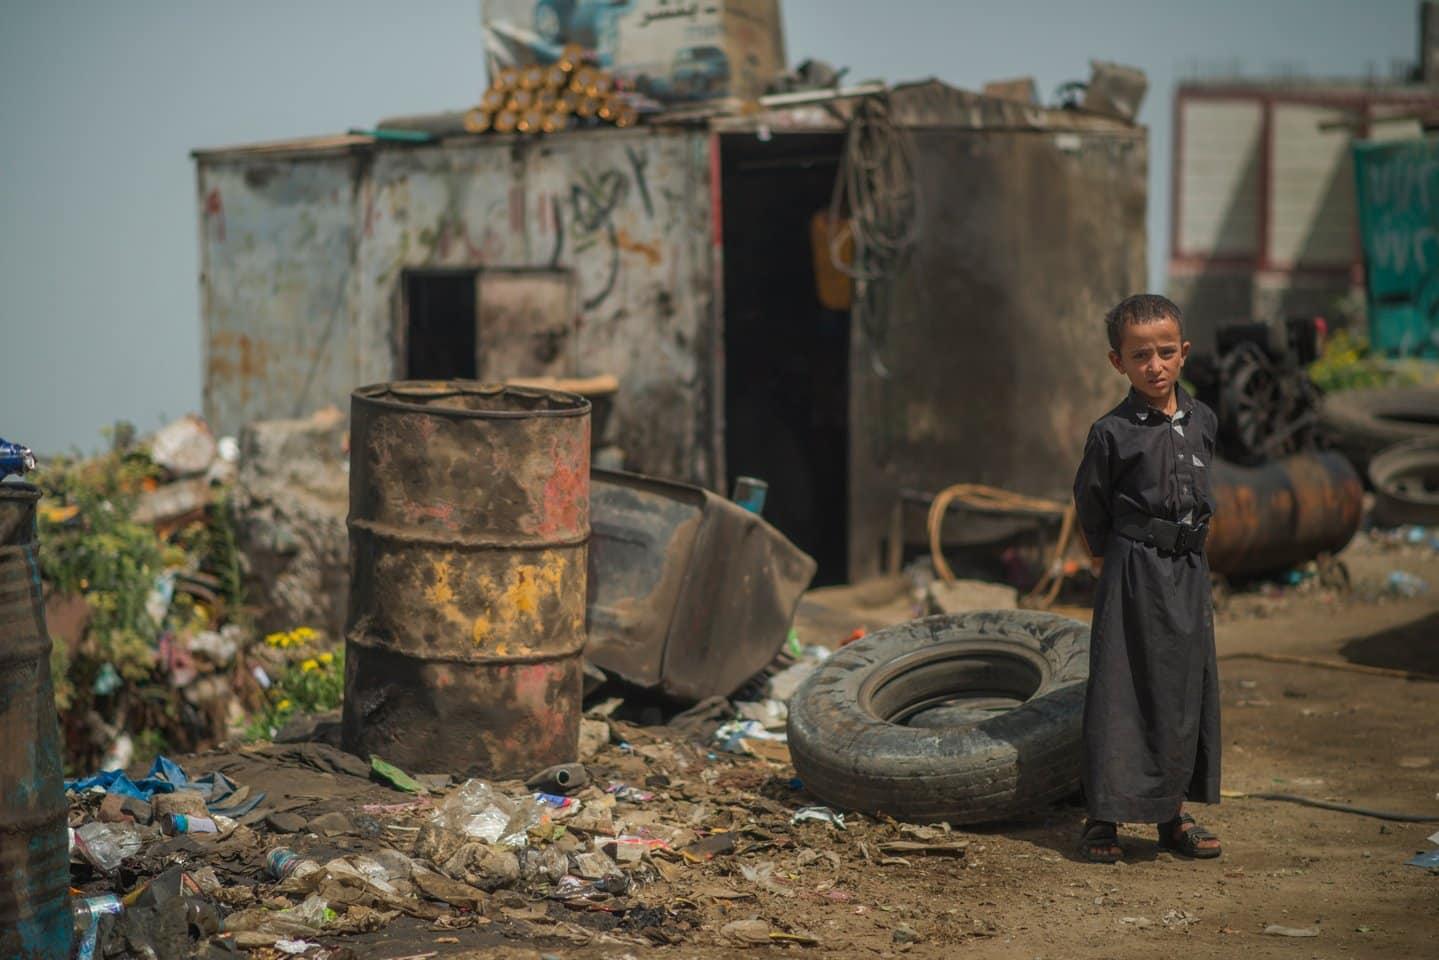 Yemen fast approaching deadly famine